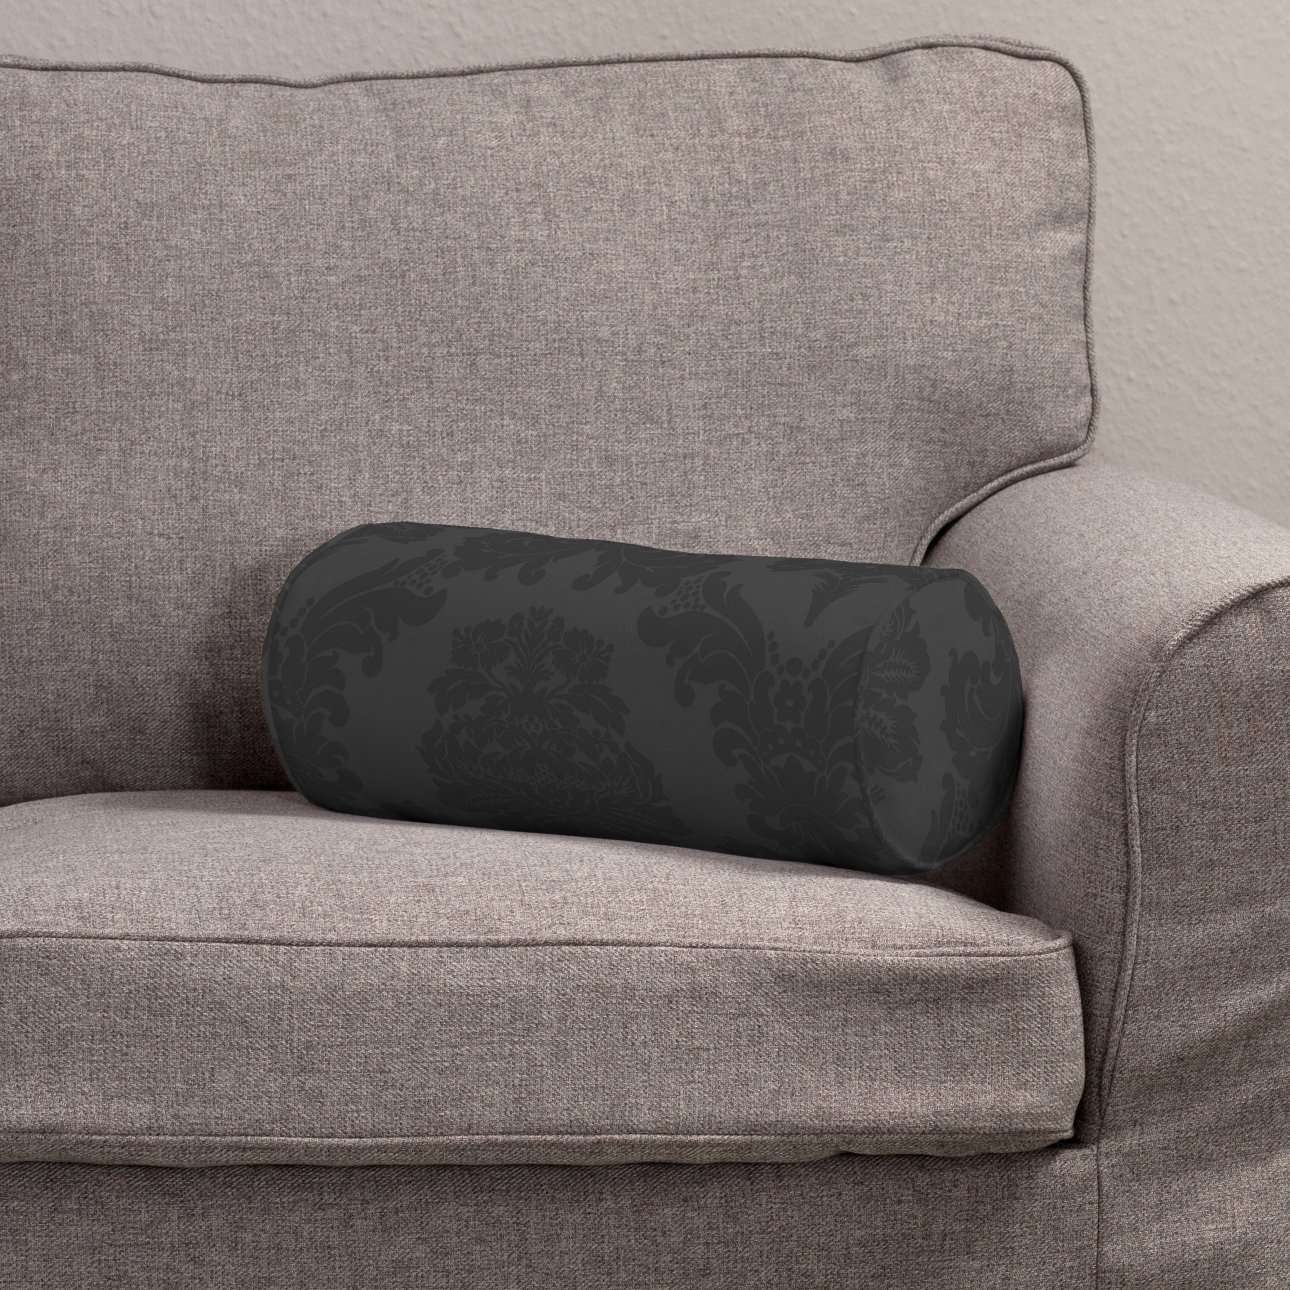 Ritinio formos  pagalvėlė Ø 16 x 40 cm (6 x 16 inch) kolekcijoje Damasco, audinys: 613-32